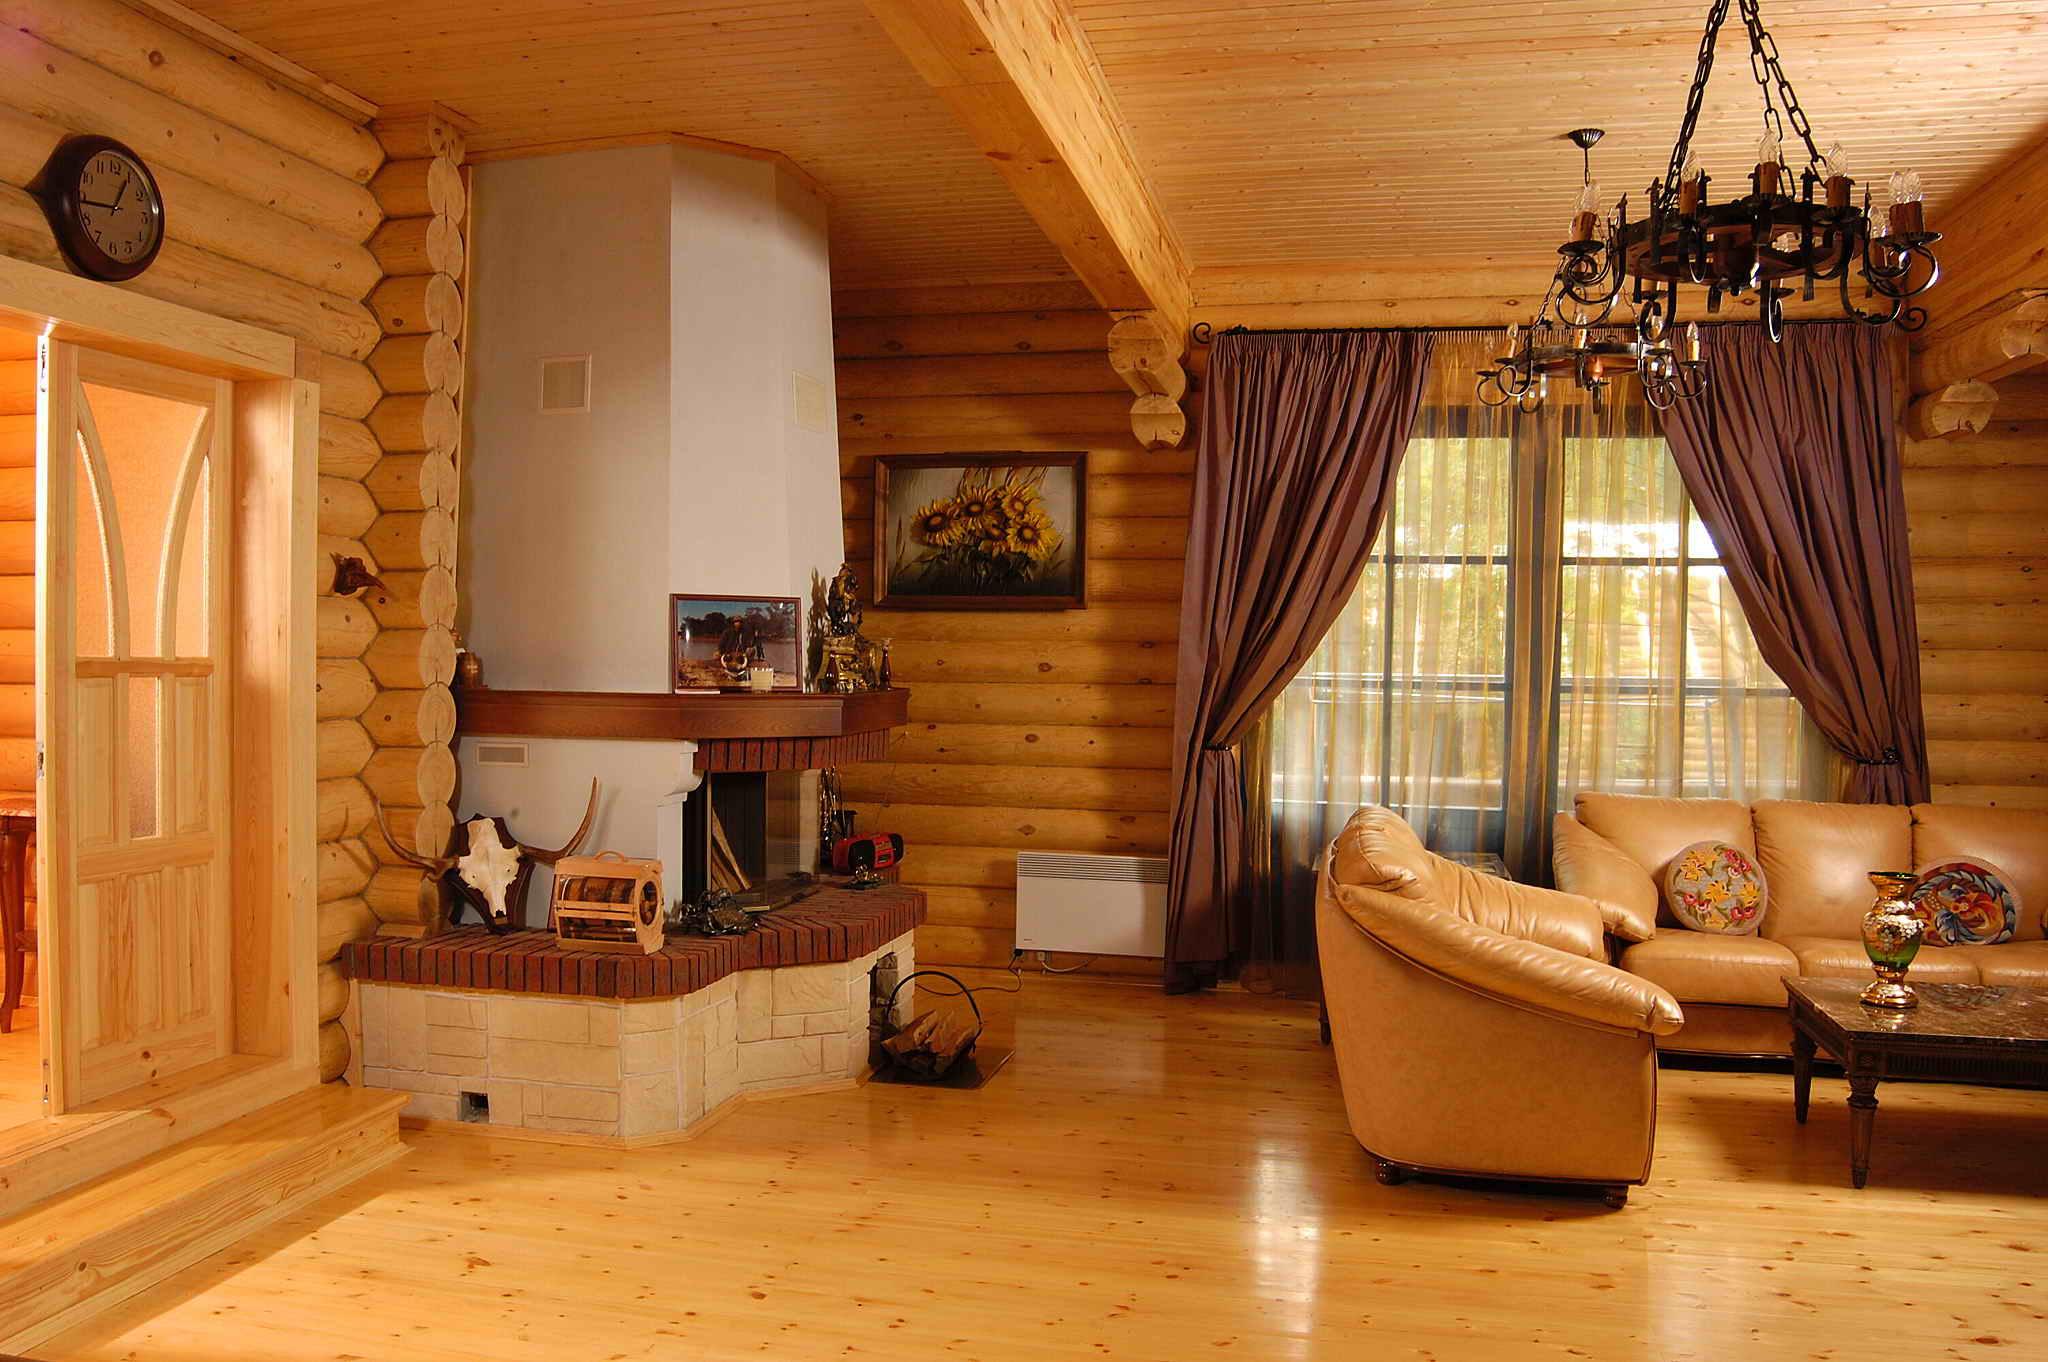 Создание уютного интерьера в деревянном доме